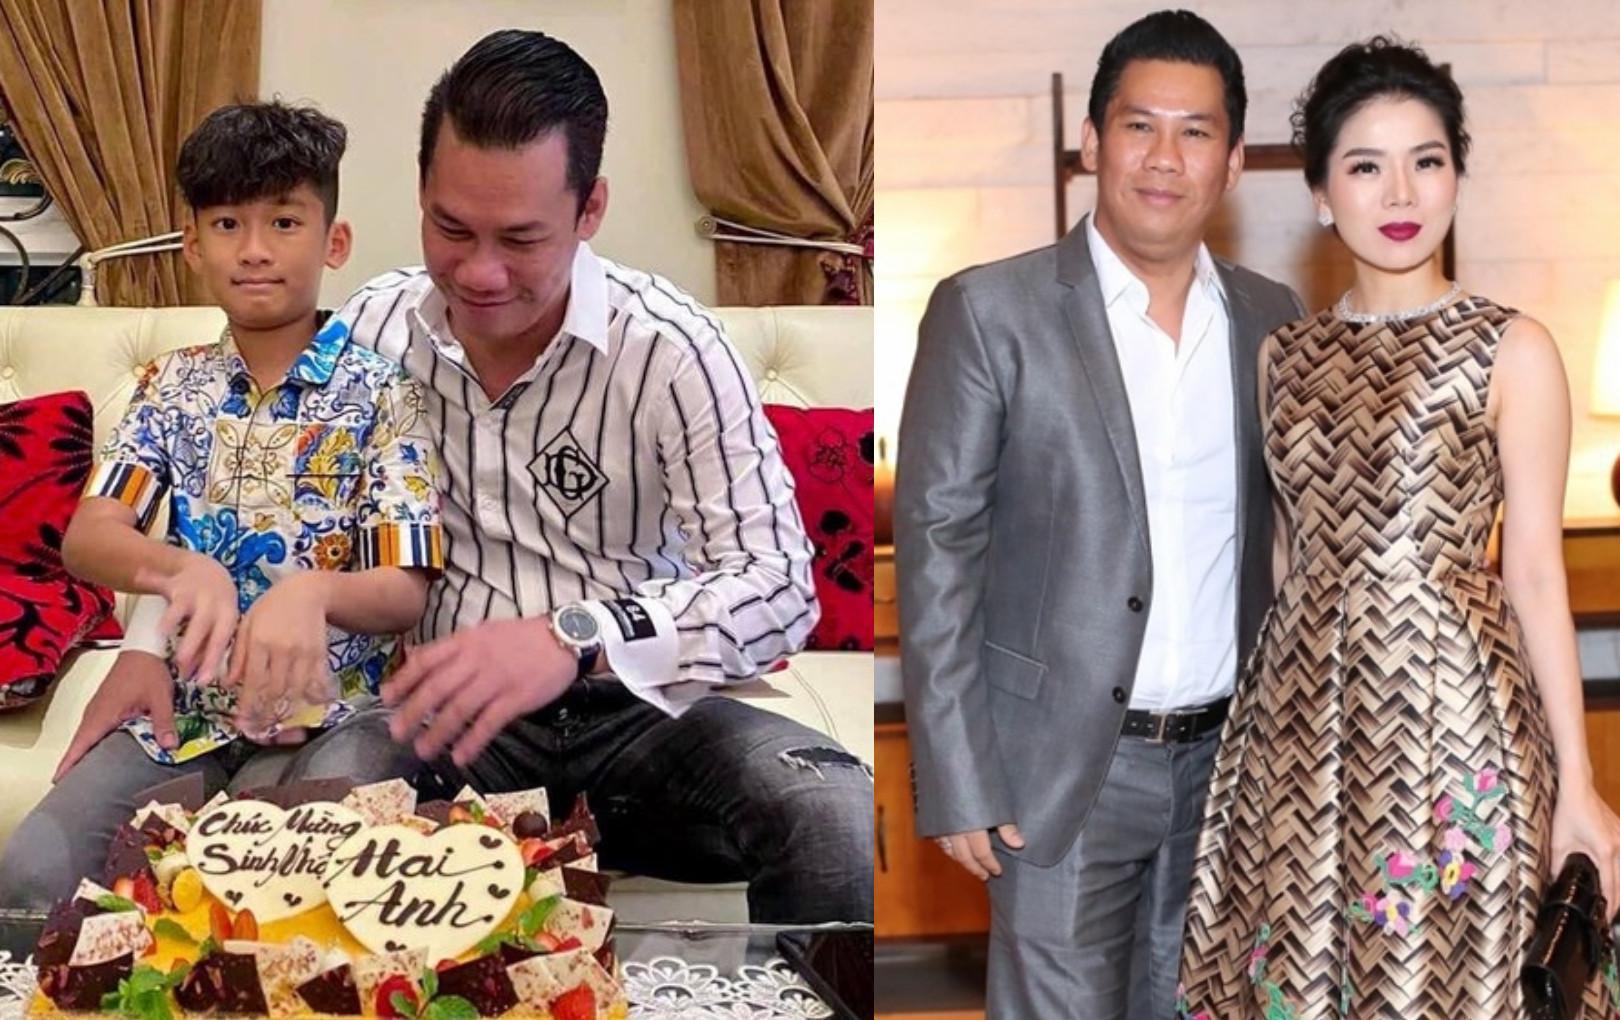 Chồng Lệ Quyên cùng con trai đón sinh nhật, tiếp tục dấy lên tin đồn hôn nhân tan vỡ?